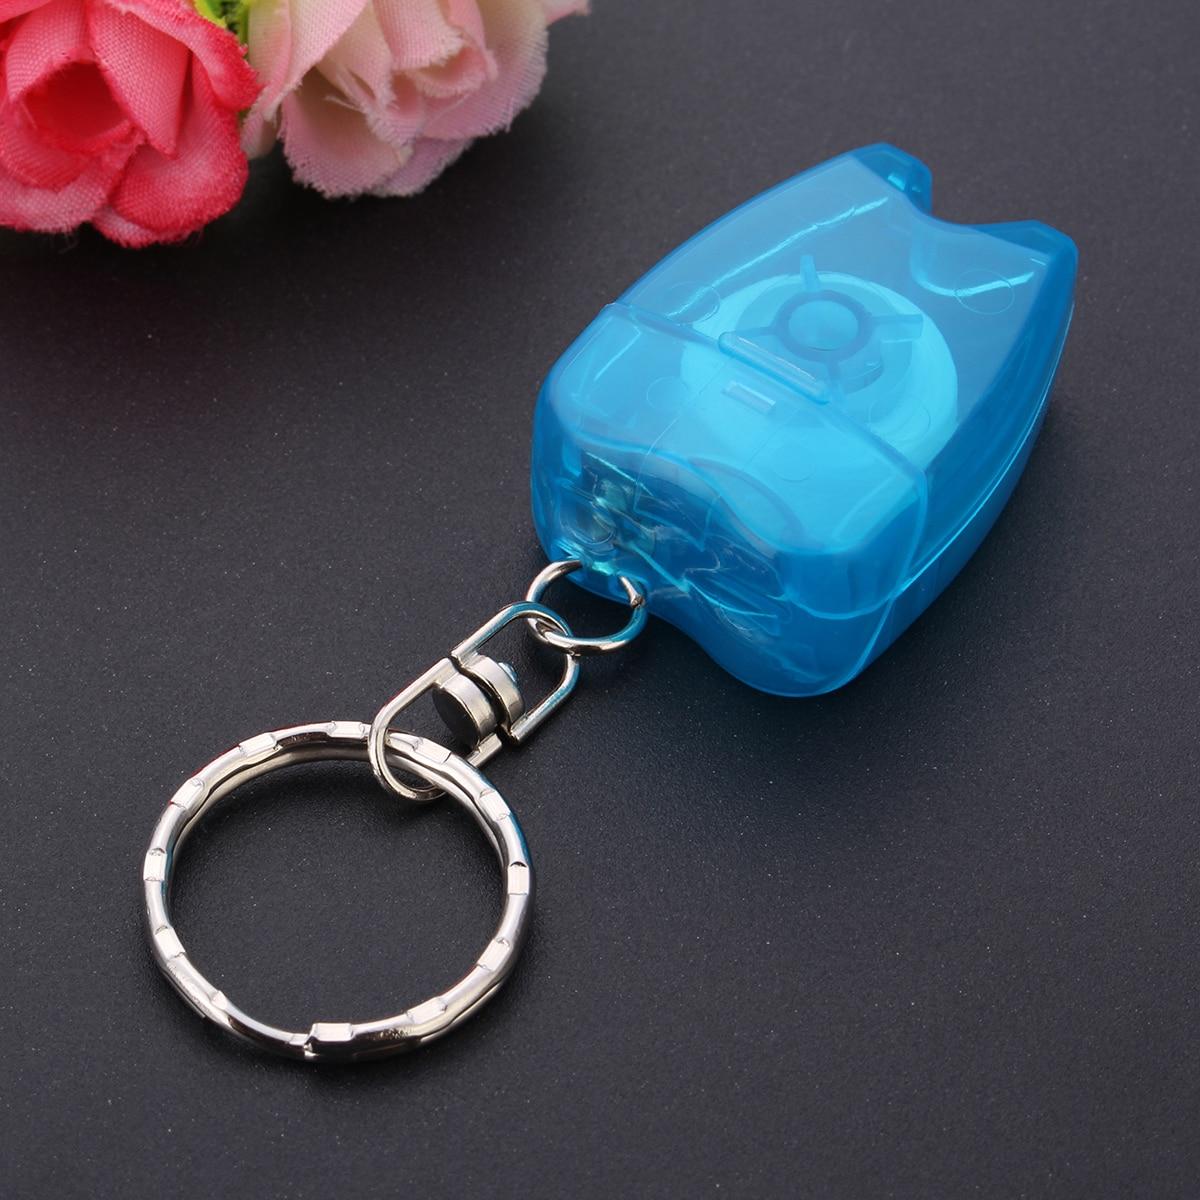 Aktiv 15 Mt Zahn Flosser Schlüsselanhänger Für Zähne Reinigung Oral Care Kit Zahnpflege Mint Duft Bewegliche Mini Geschenk Farbe Zufällig Schönheit & Gesundheit